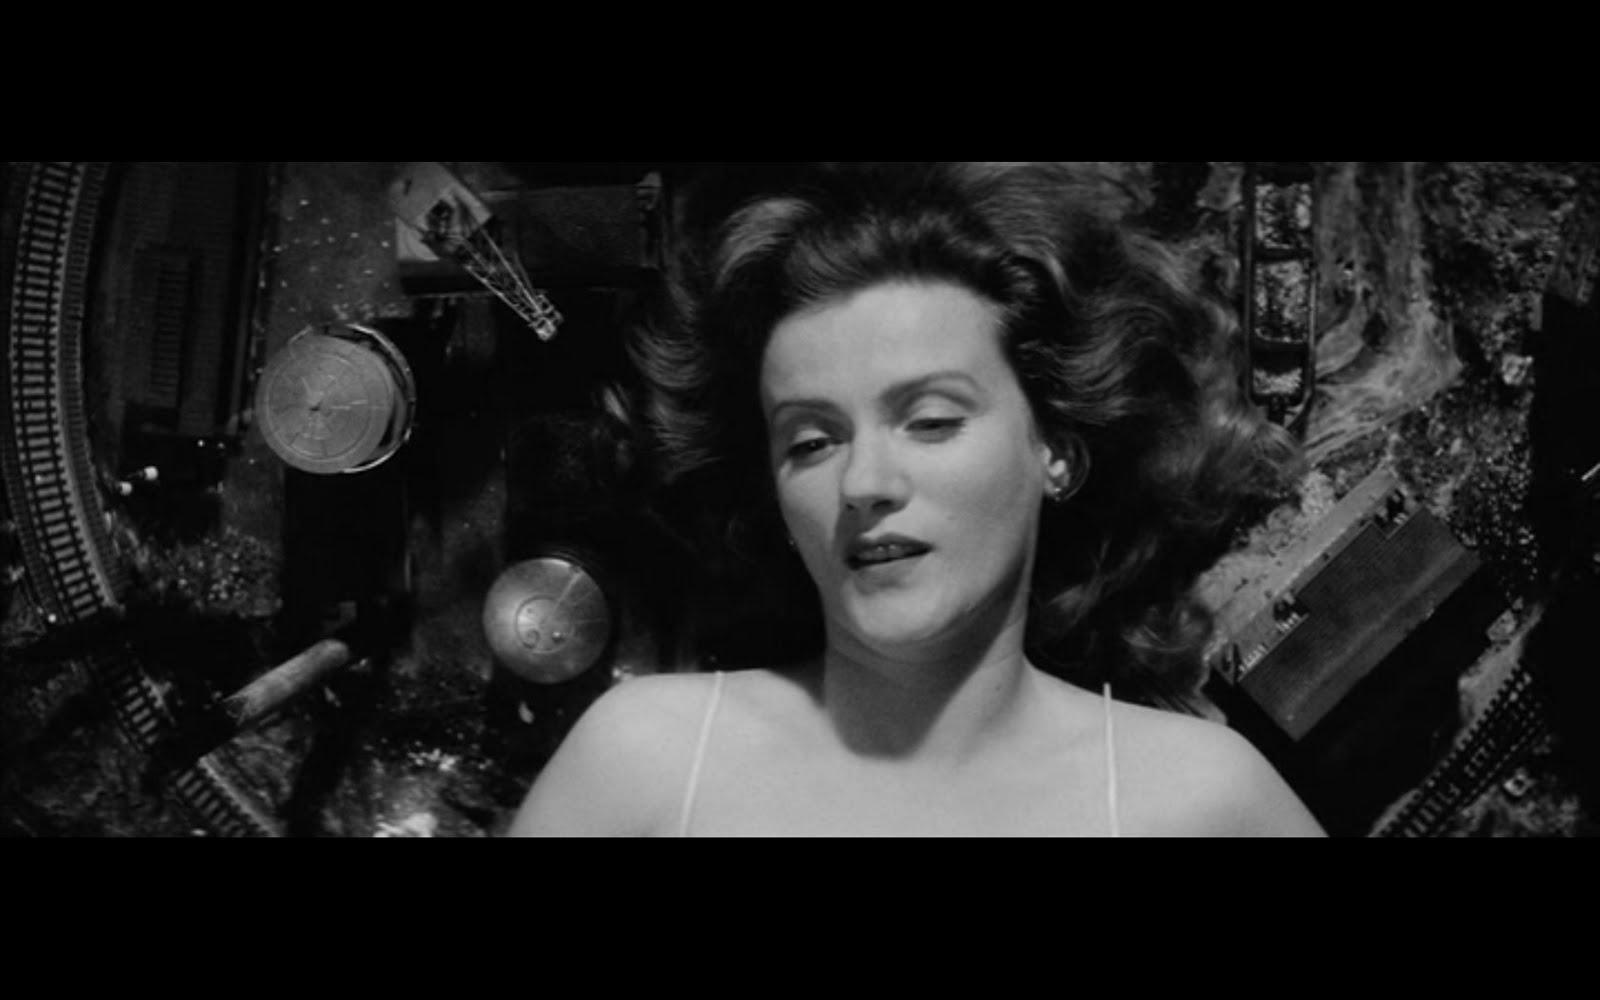 europa table1 - نقد فیلم Europa محصول 1991 (اروپا)